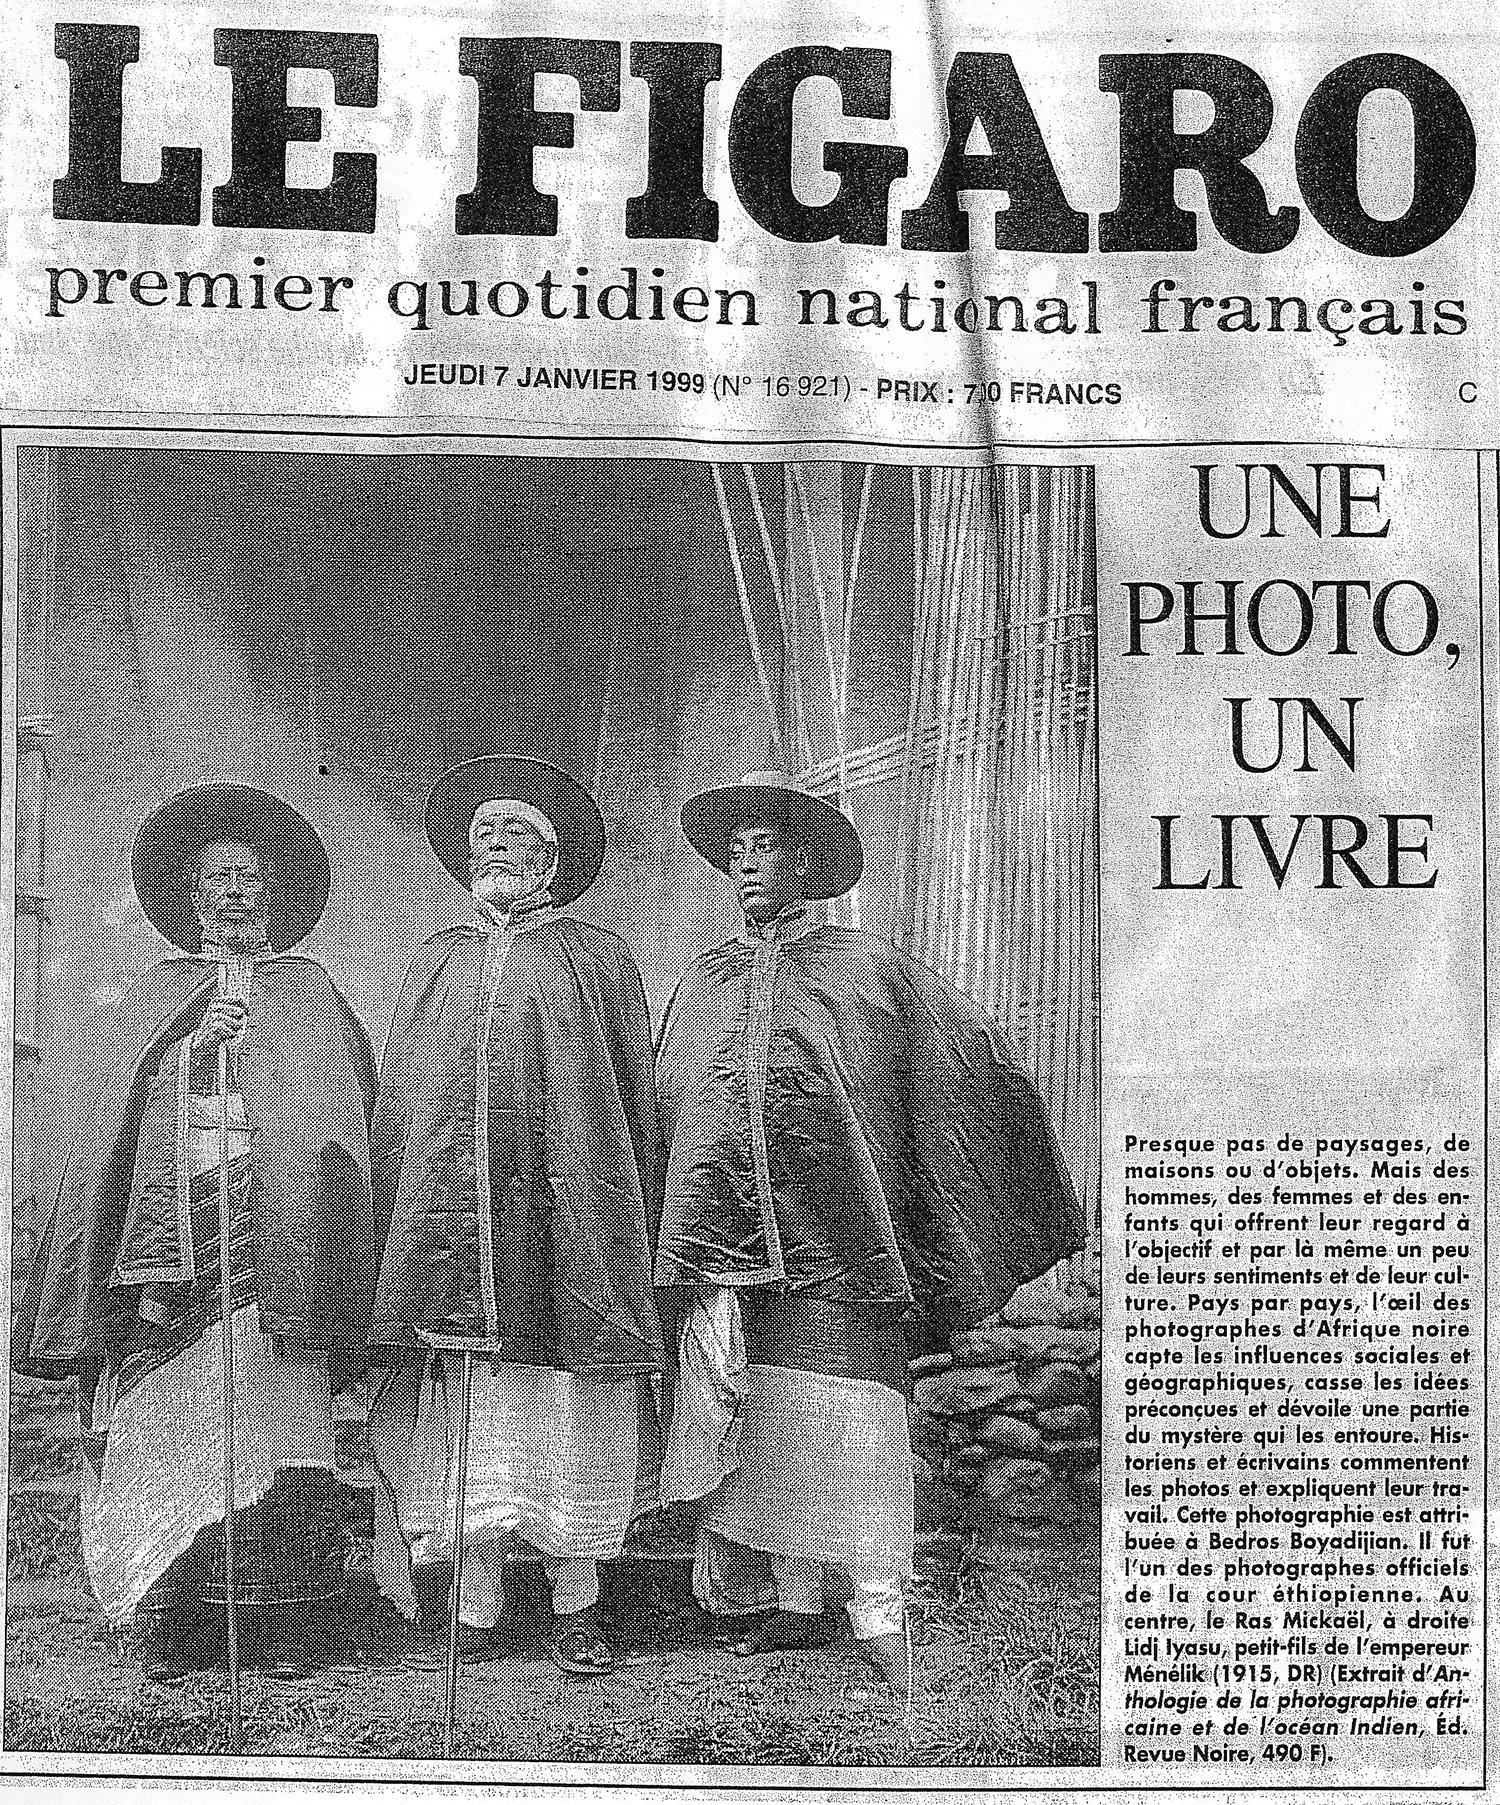 Revue de presse REVUE NOIRE: Le Figaro, janvier 1999. Une photo, un livre : archives d'Éthiopie, dans l'Anthologie de la photographie africaine.